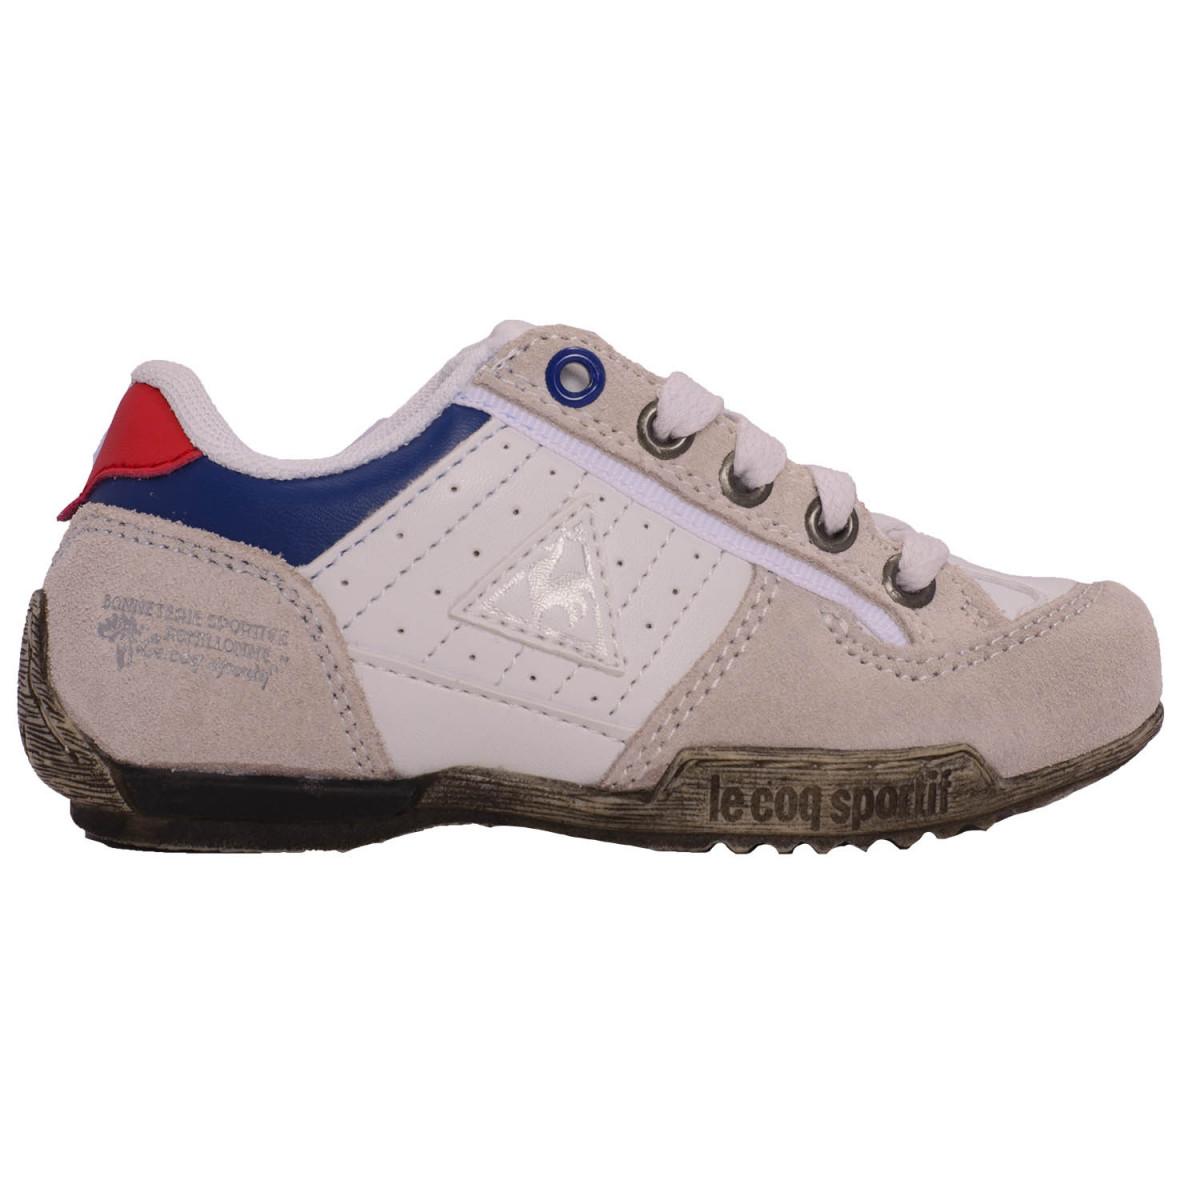 Zapatillas Le Coq Sportif Maubert